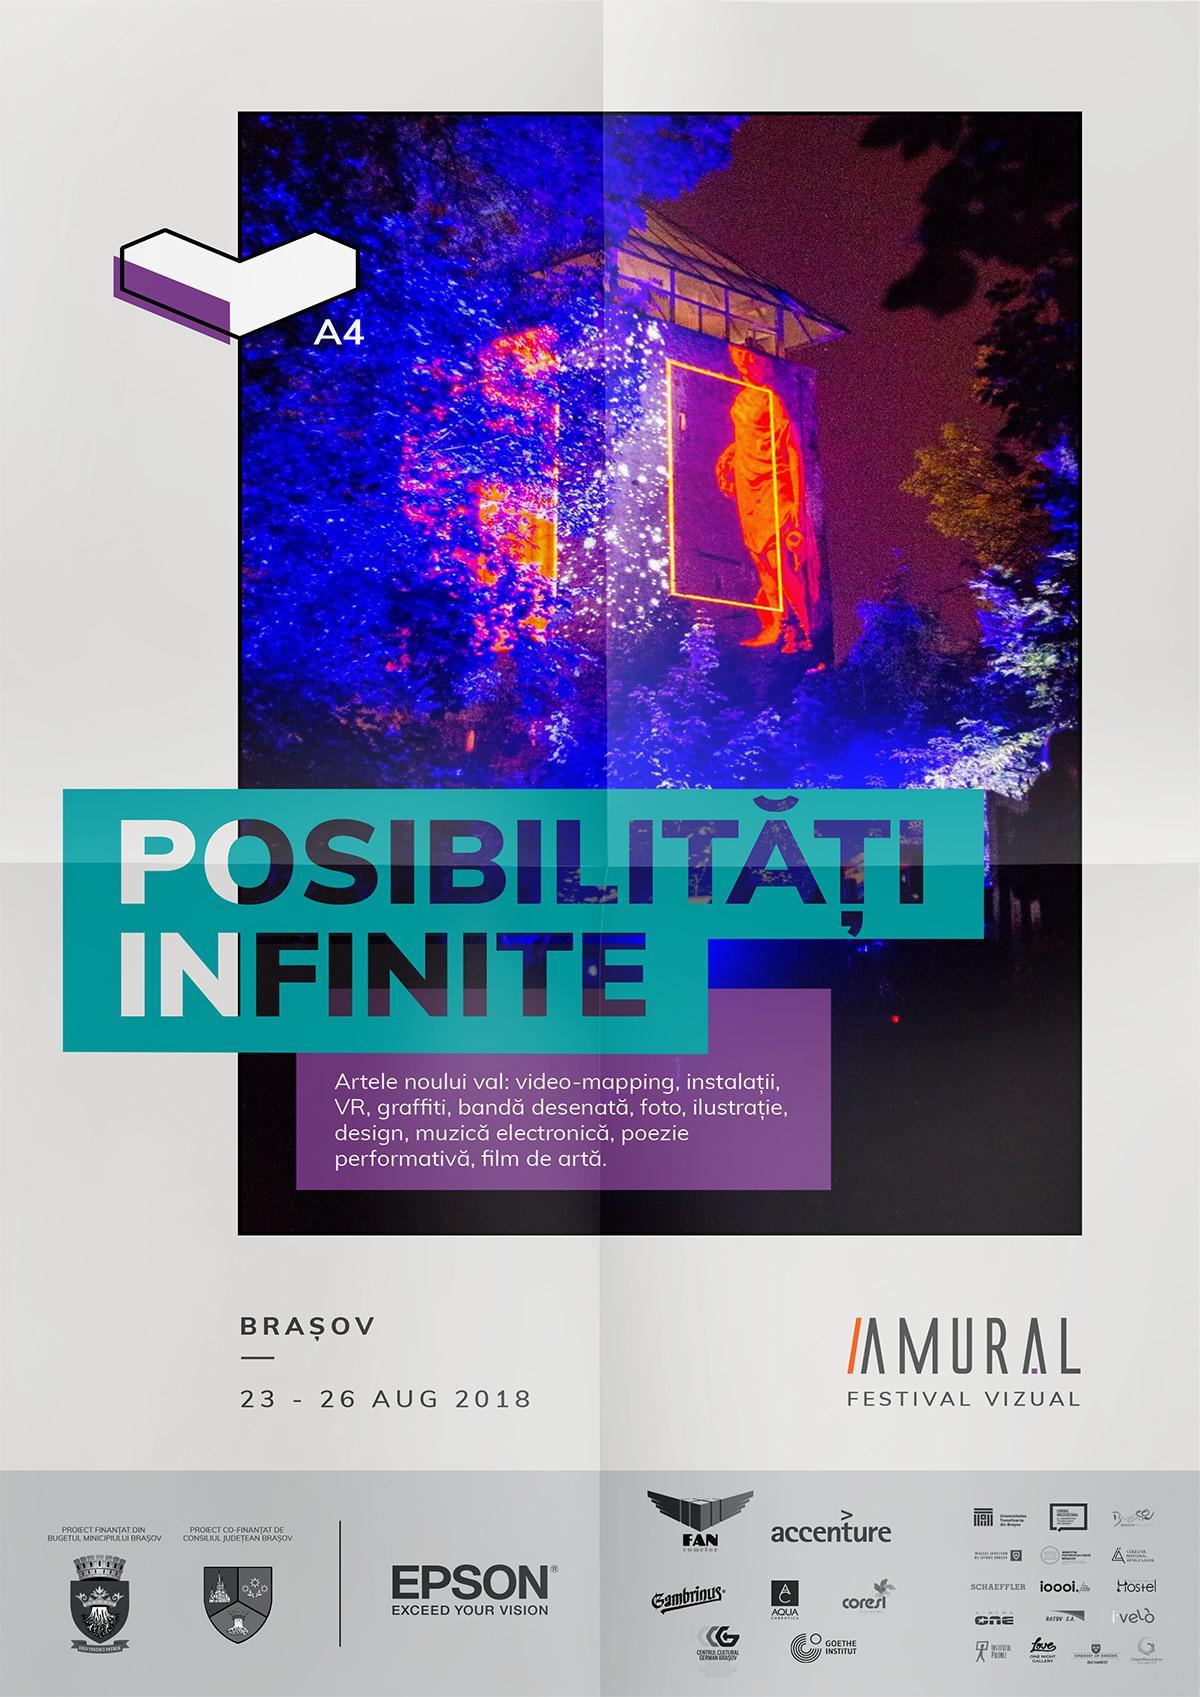 poster-a4_1-copy